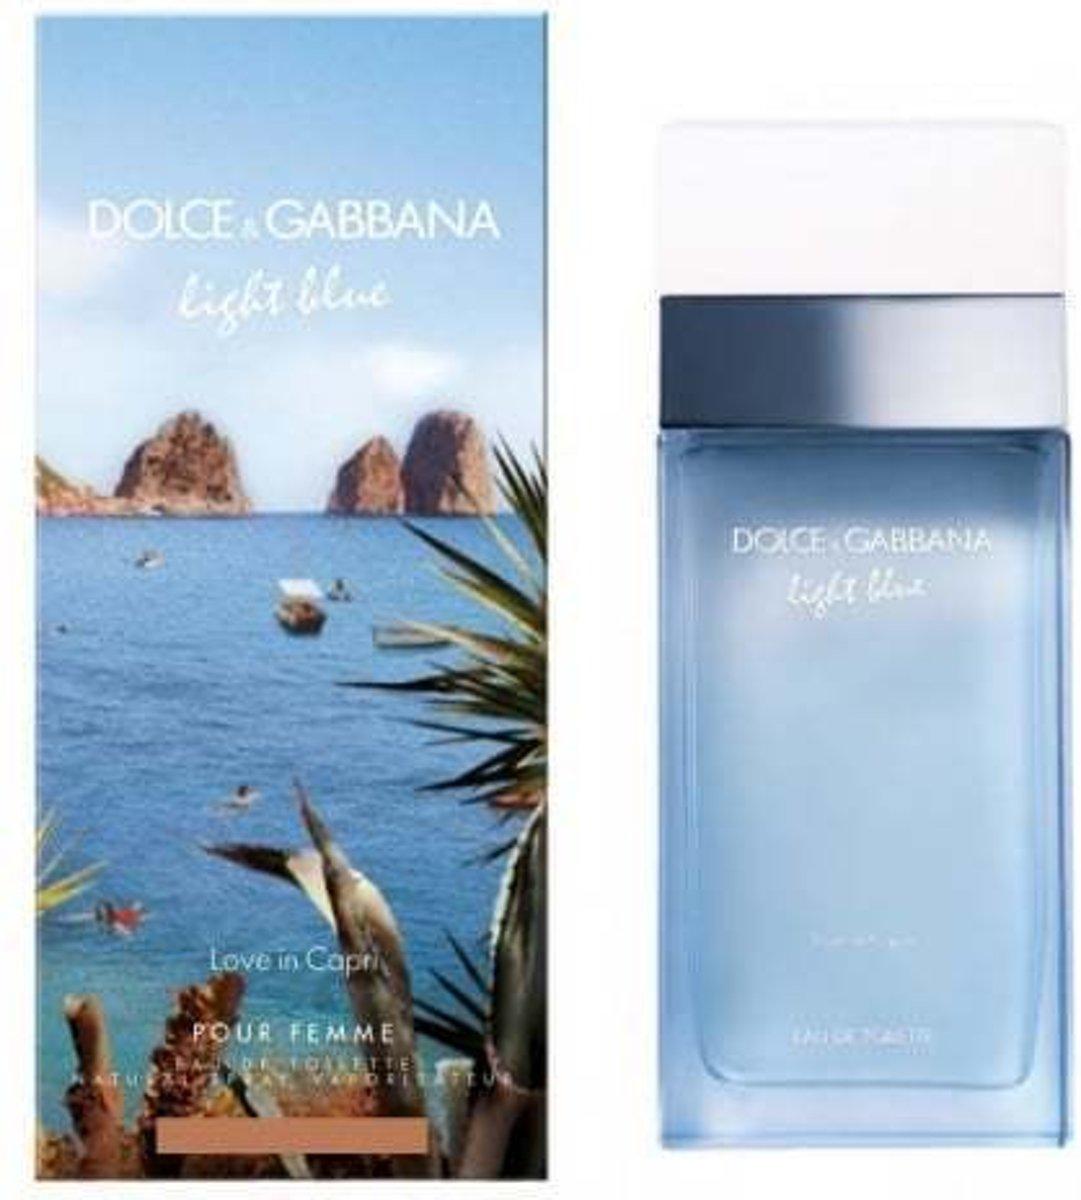 Dolce Amp Gabbana Dames Parfum Vergelijk Hier De Prijzen